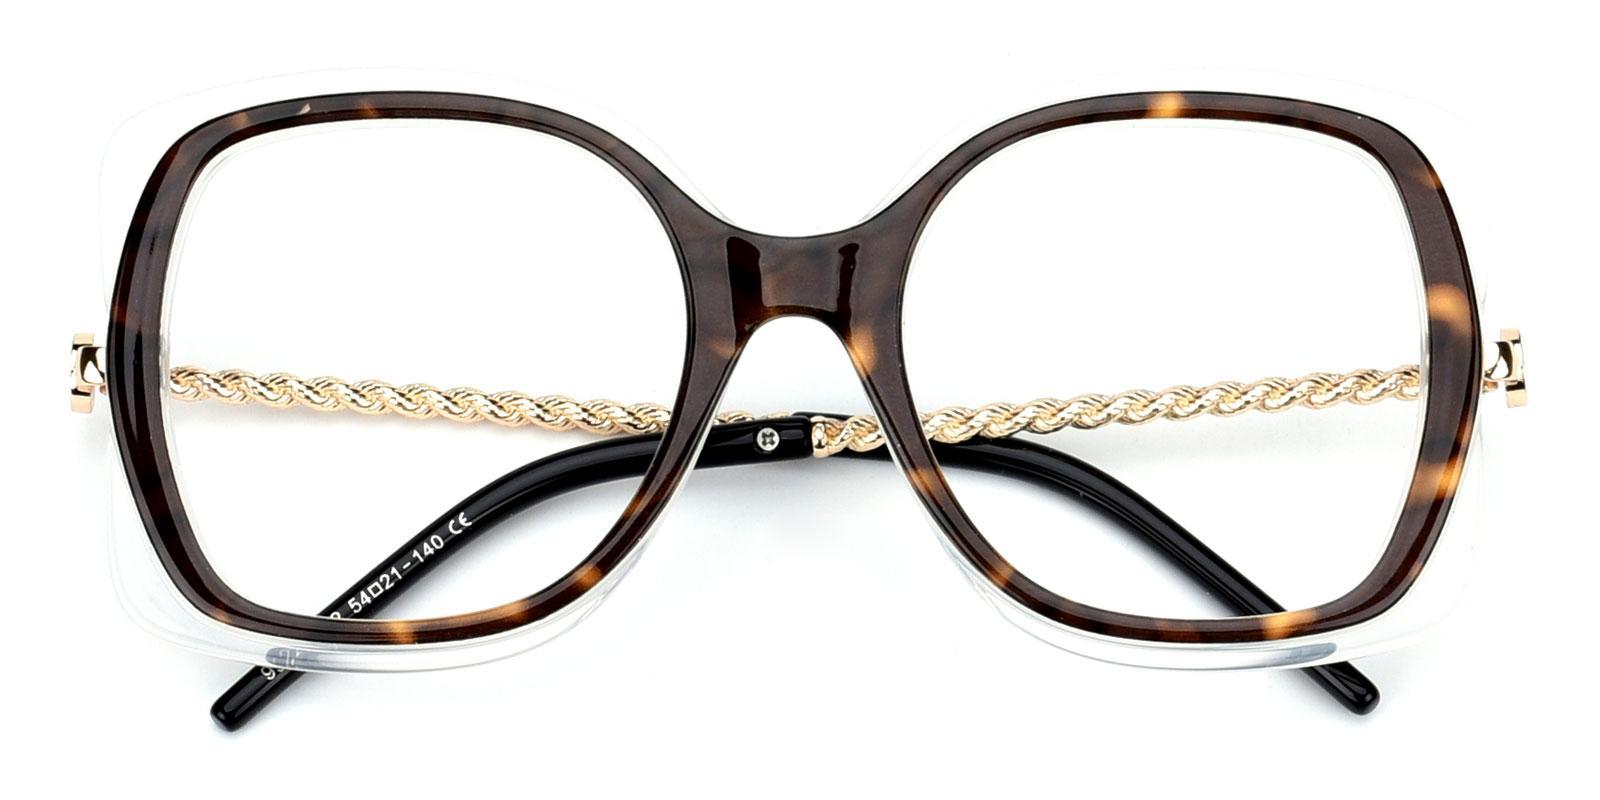 Belinda-Tortoise-Square-Plastic-Eyeglasses-detail